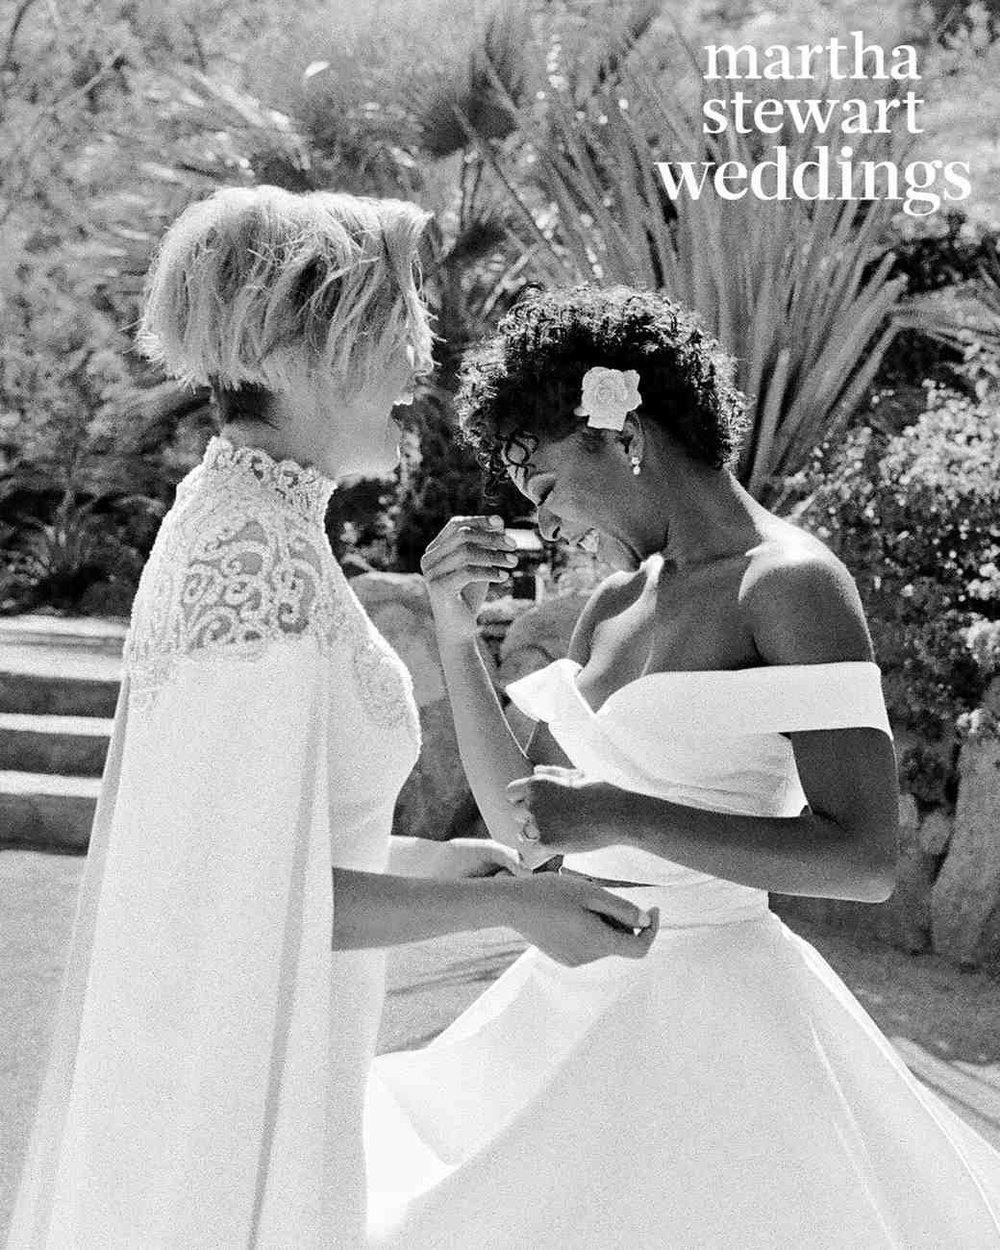 samira-wiley-lauren-morelli-wedding-firstlook-103016861_vert.jpg